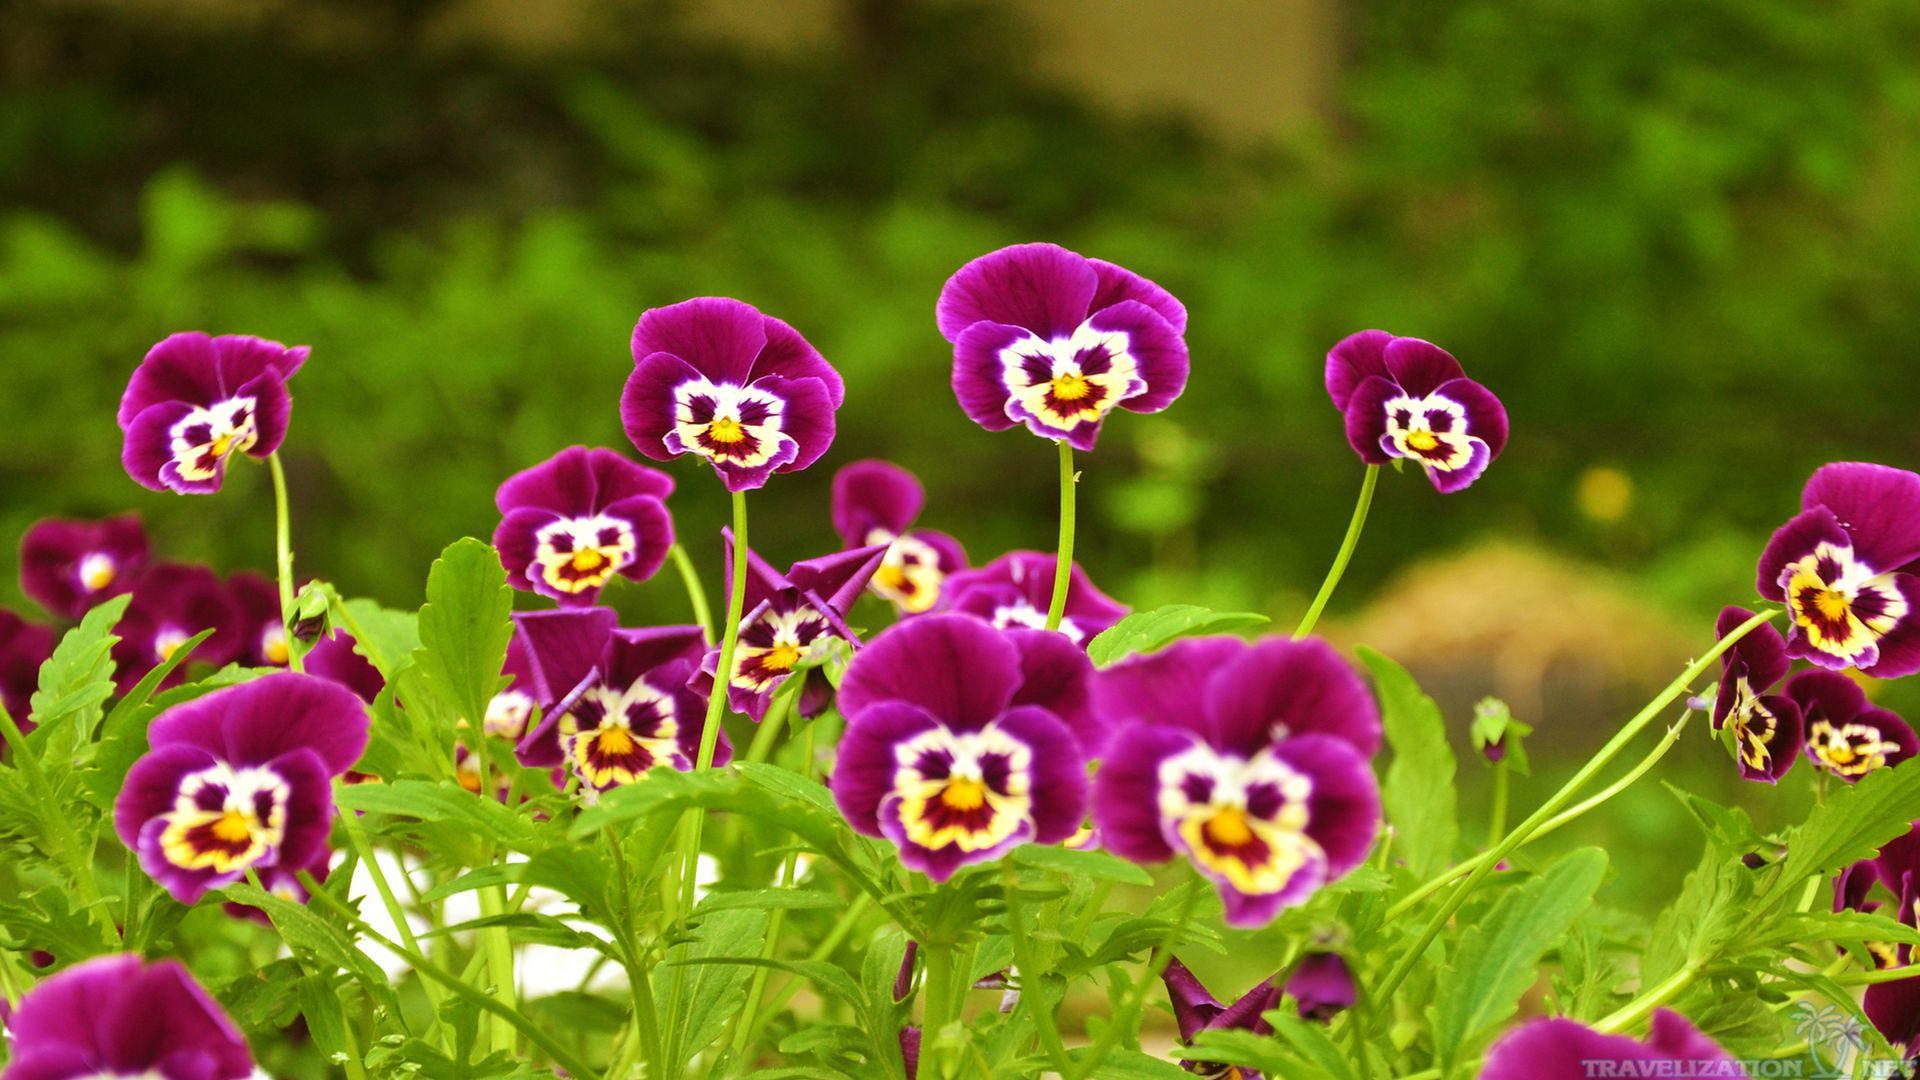 Very Nice Flowers Wallpapers